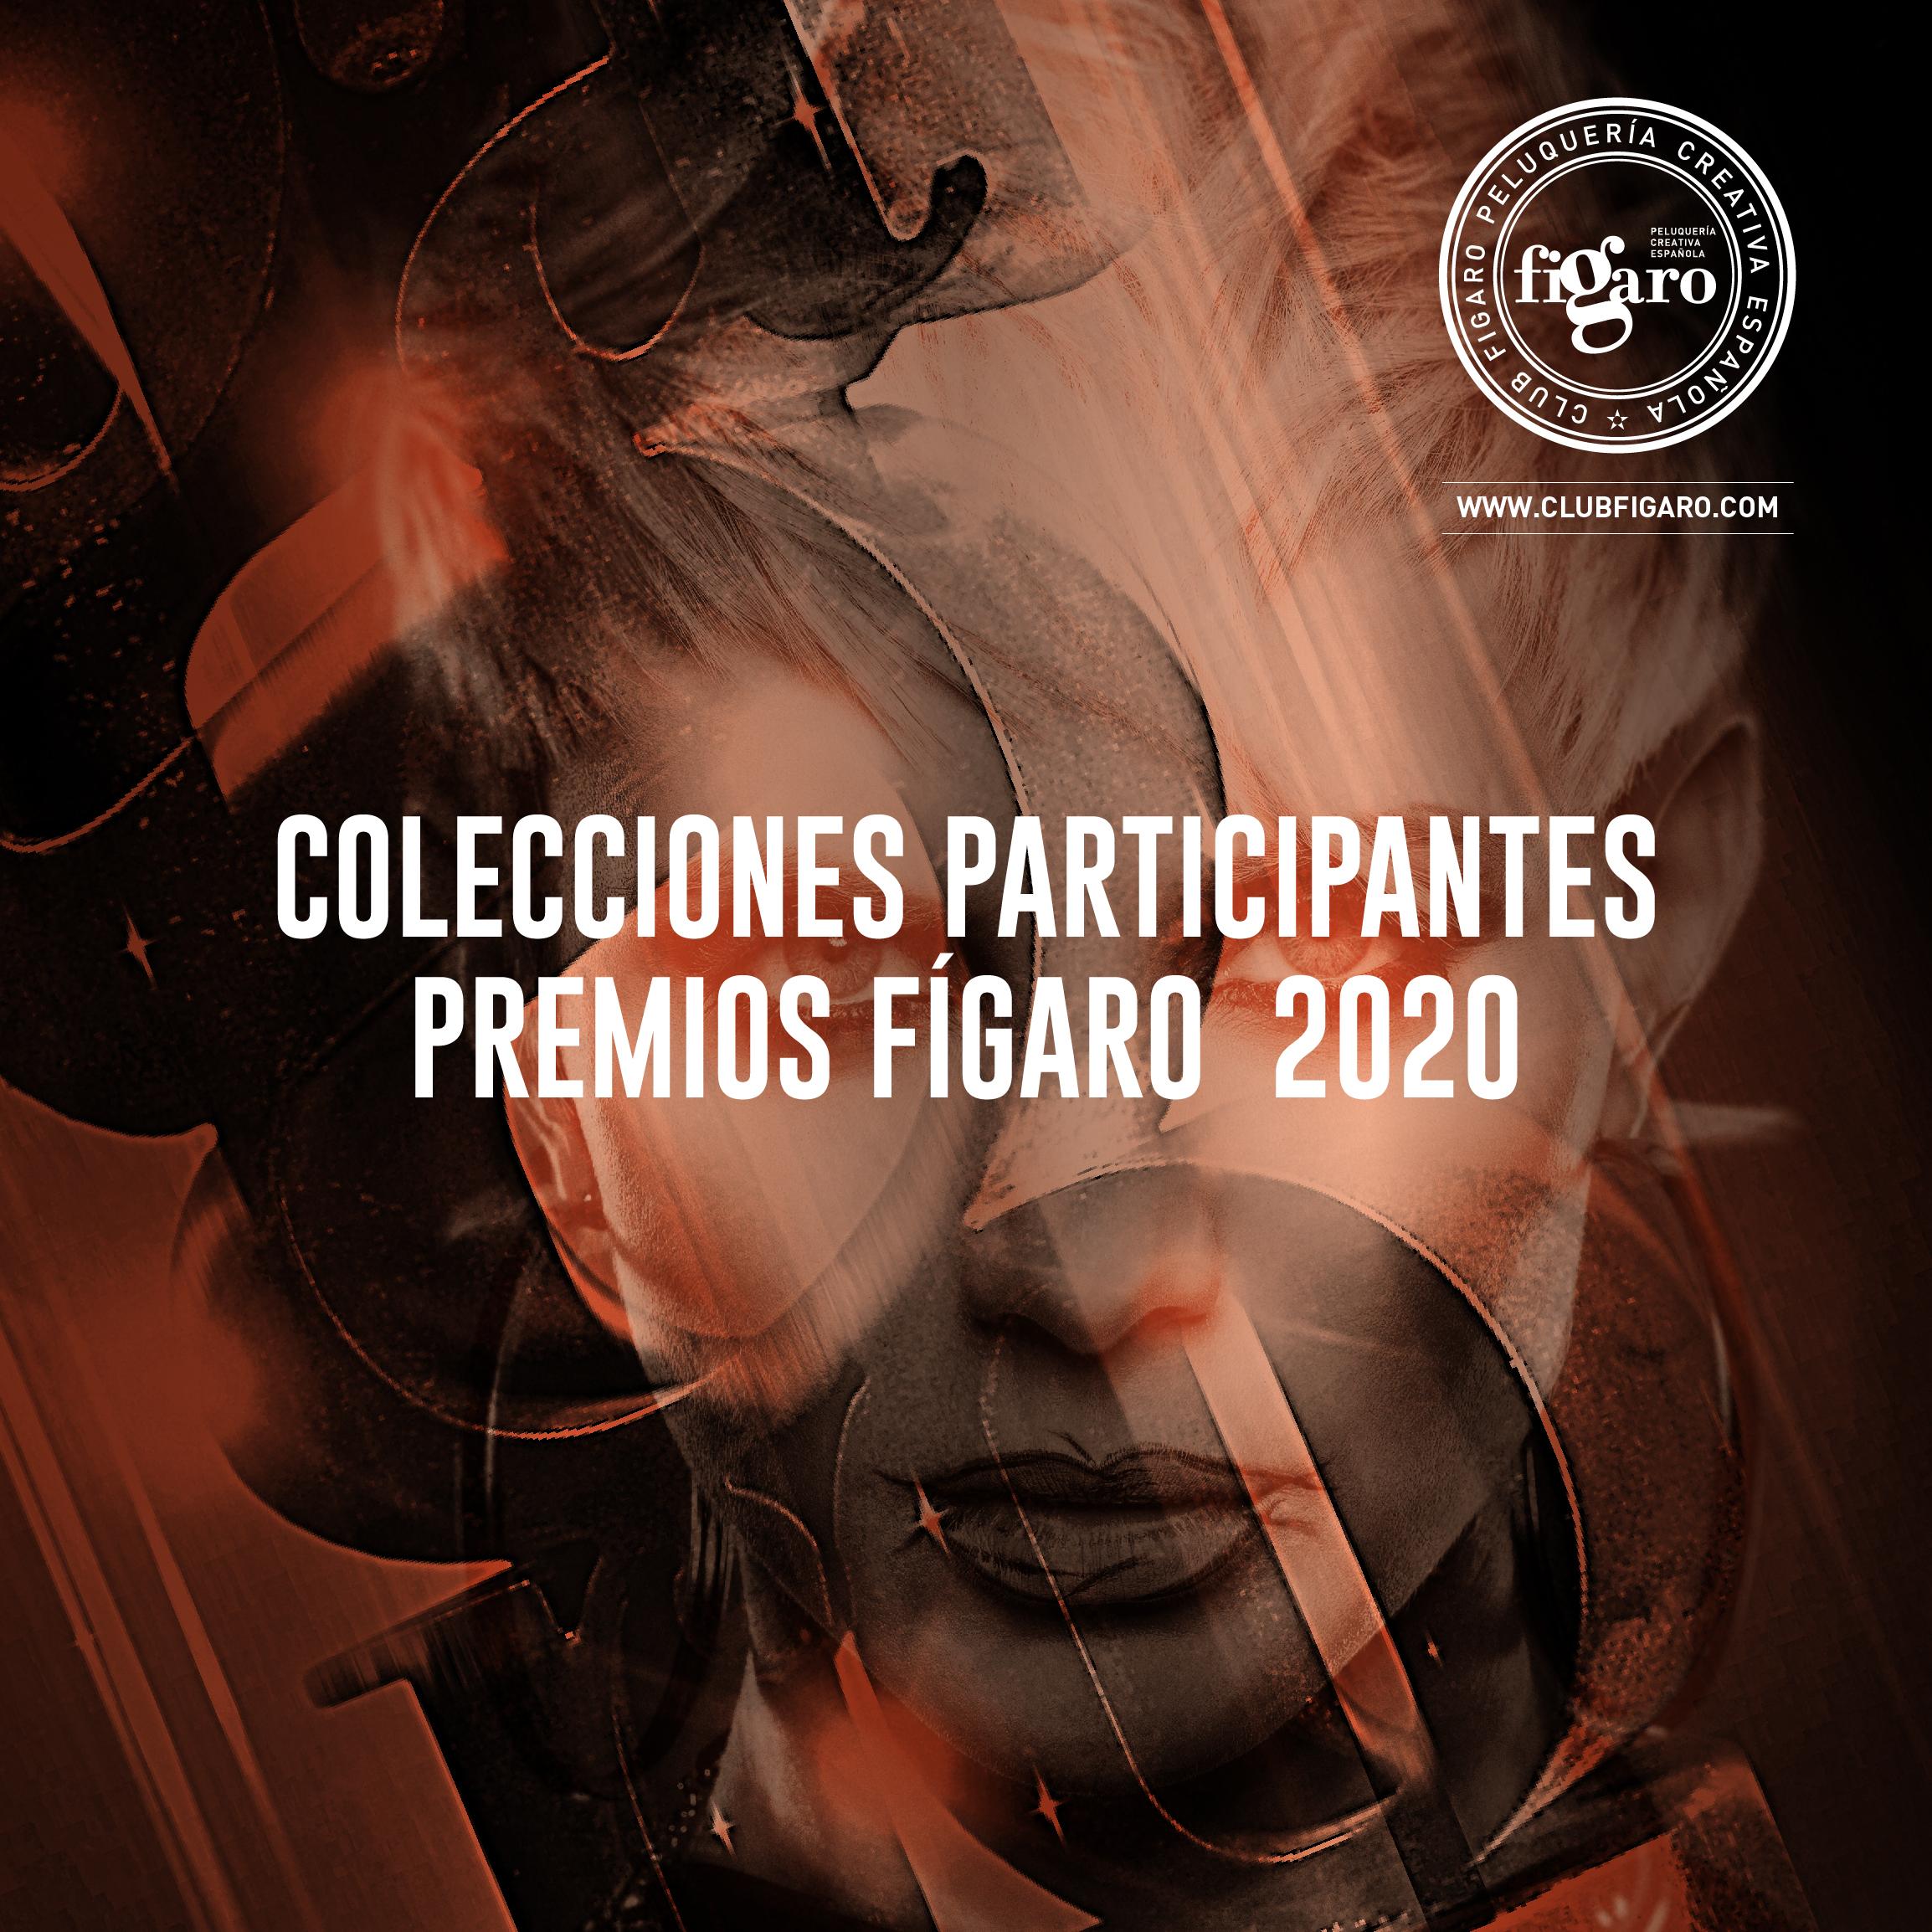 COLECCIONES PARTICIPANTES FÍGARO 2020